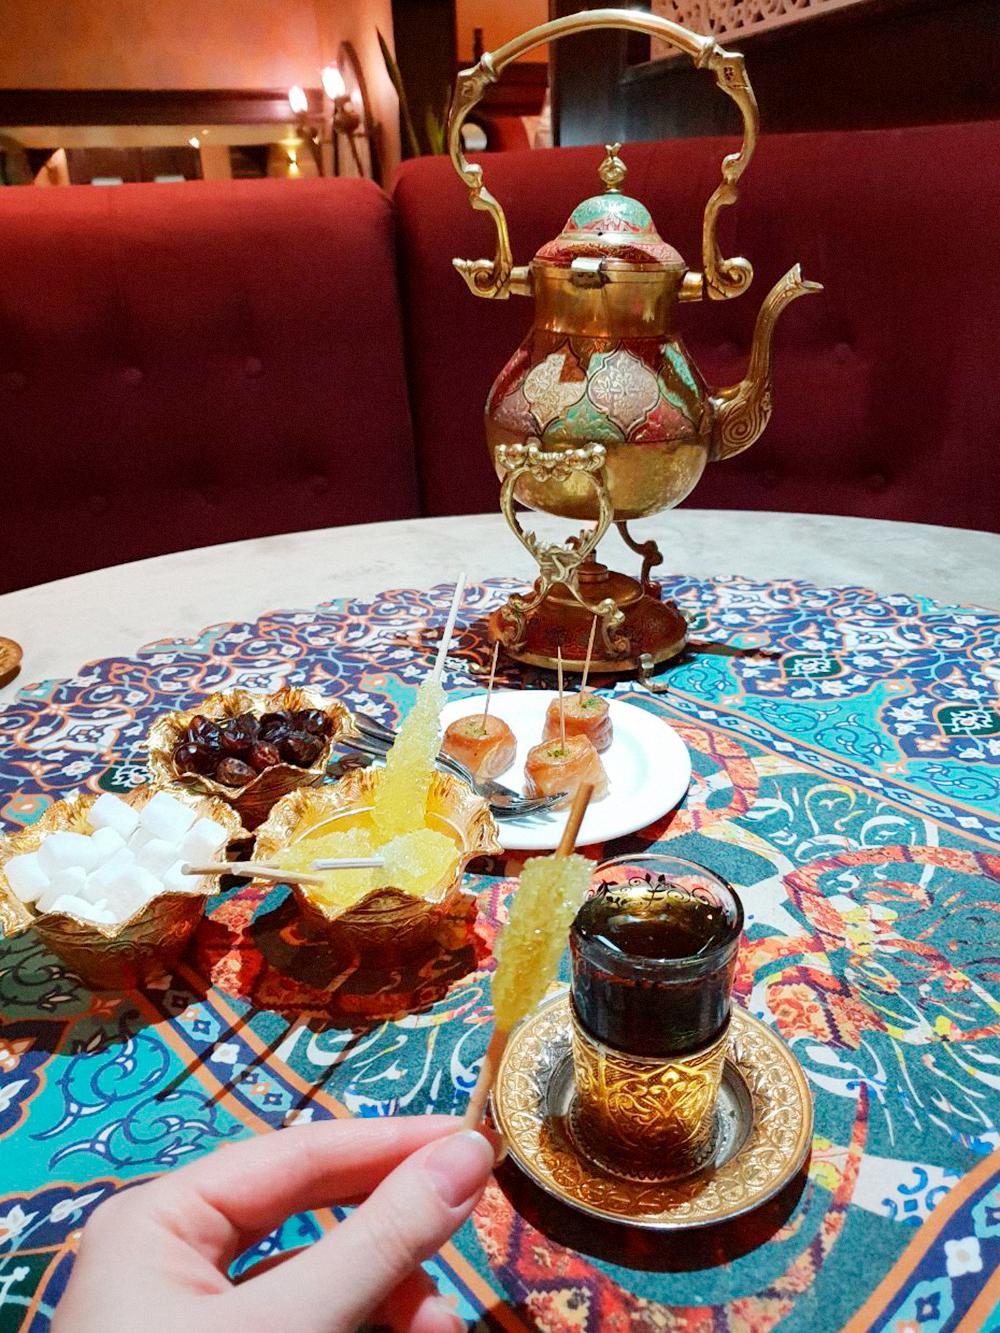 Так красиво подают чай в ресторане персидской кухни. Сахар с шафраном на палочке называется «набот»